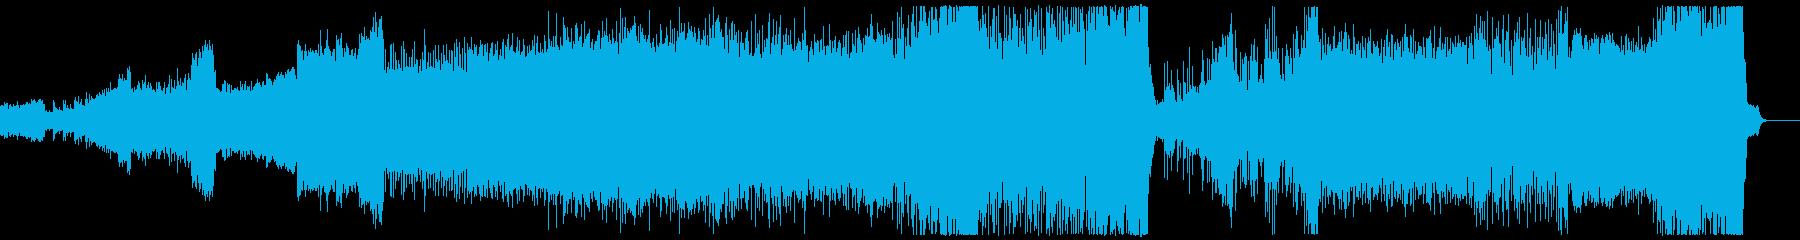 岩戸音階 相撲バトル ハードコアテクノ改の再生済みの波形